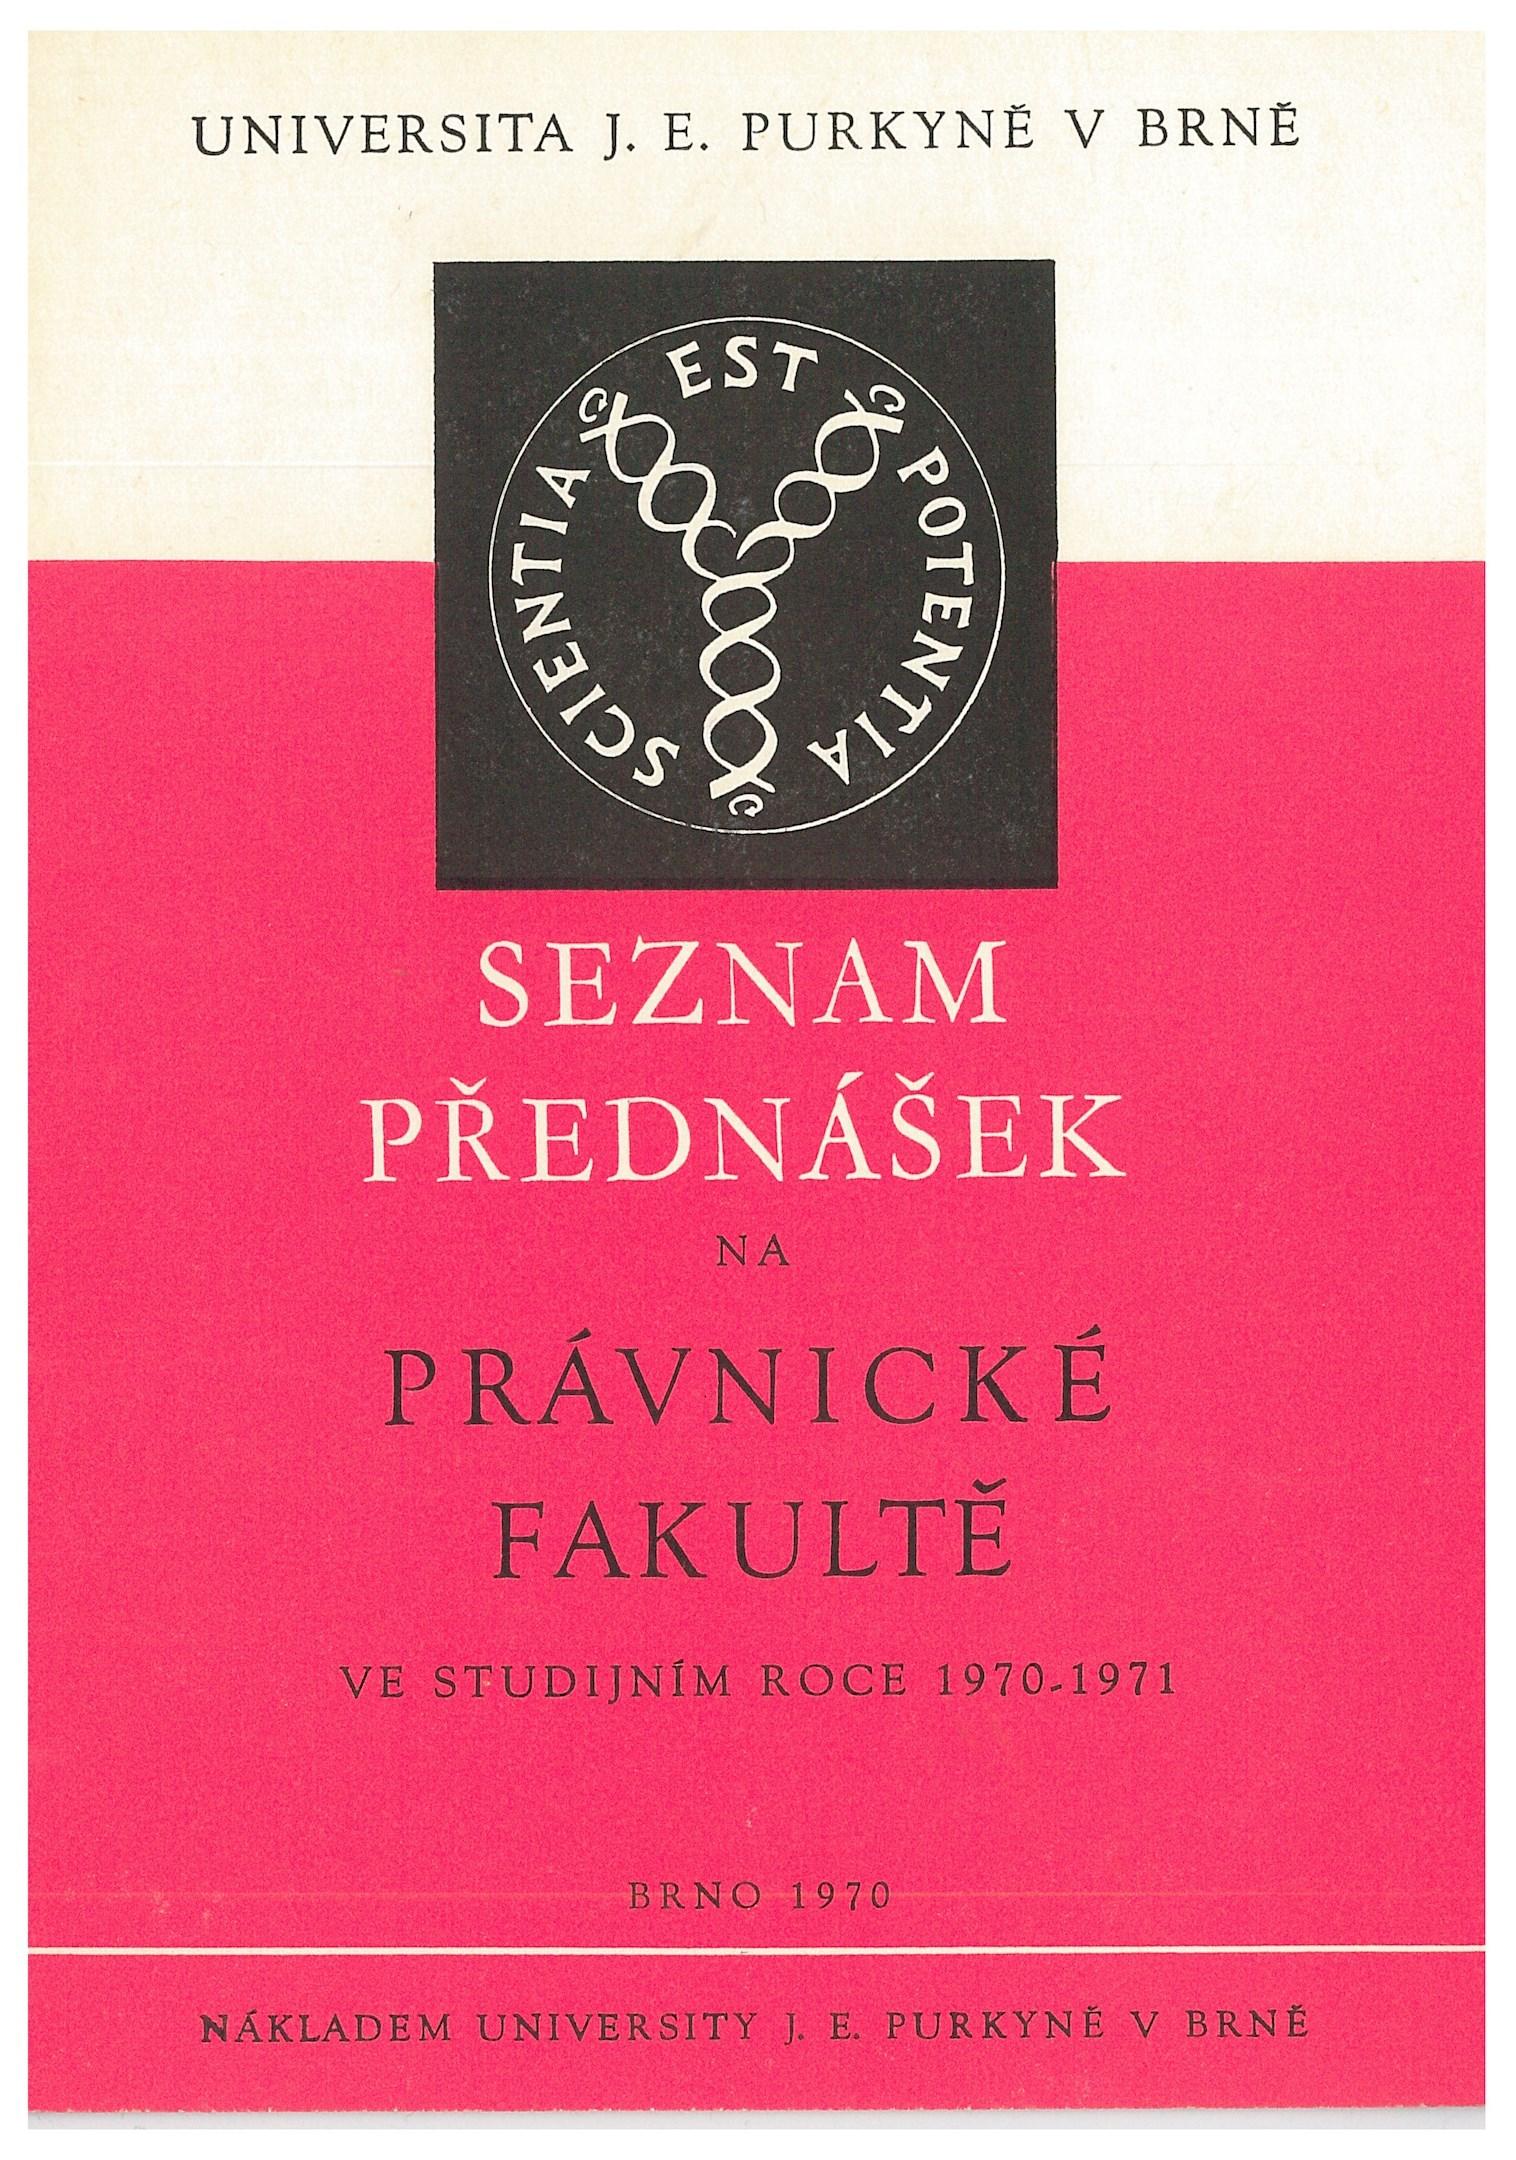 Revers medaile J. E. Purkyně užívaný jako univerzitní logo na Seznamu přednášek Právnické fakulty v roce 1970, grafická úprava Pravoslav Hauser